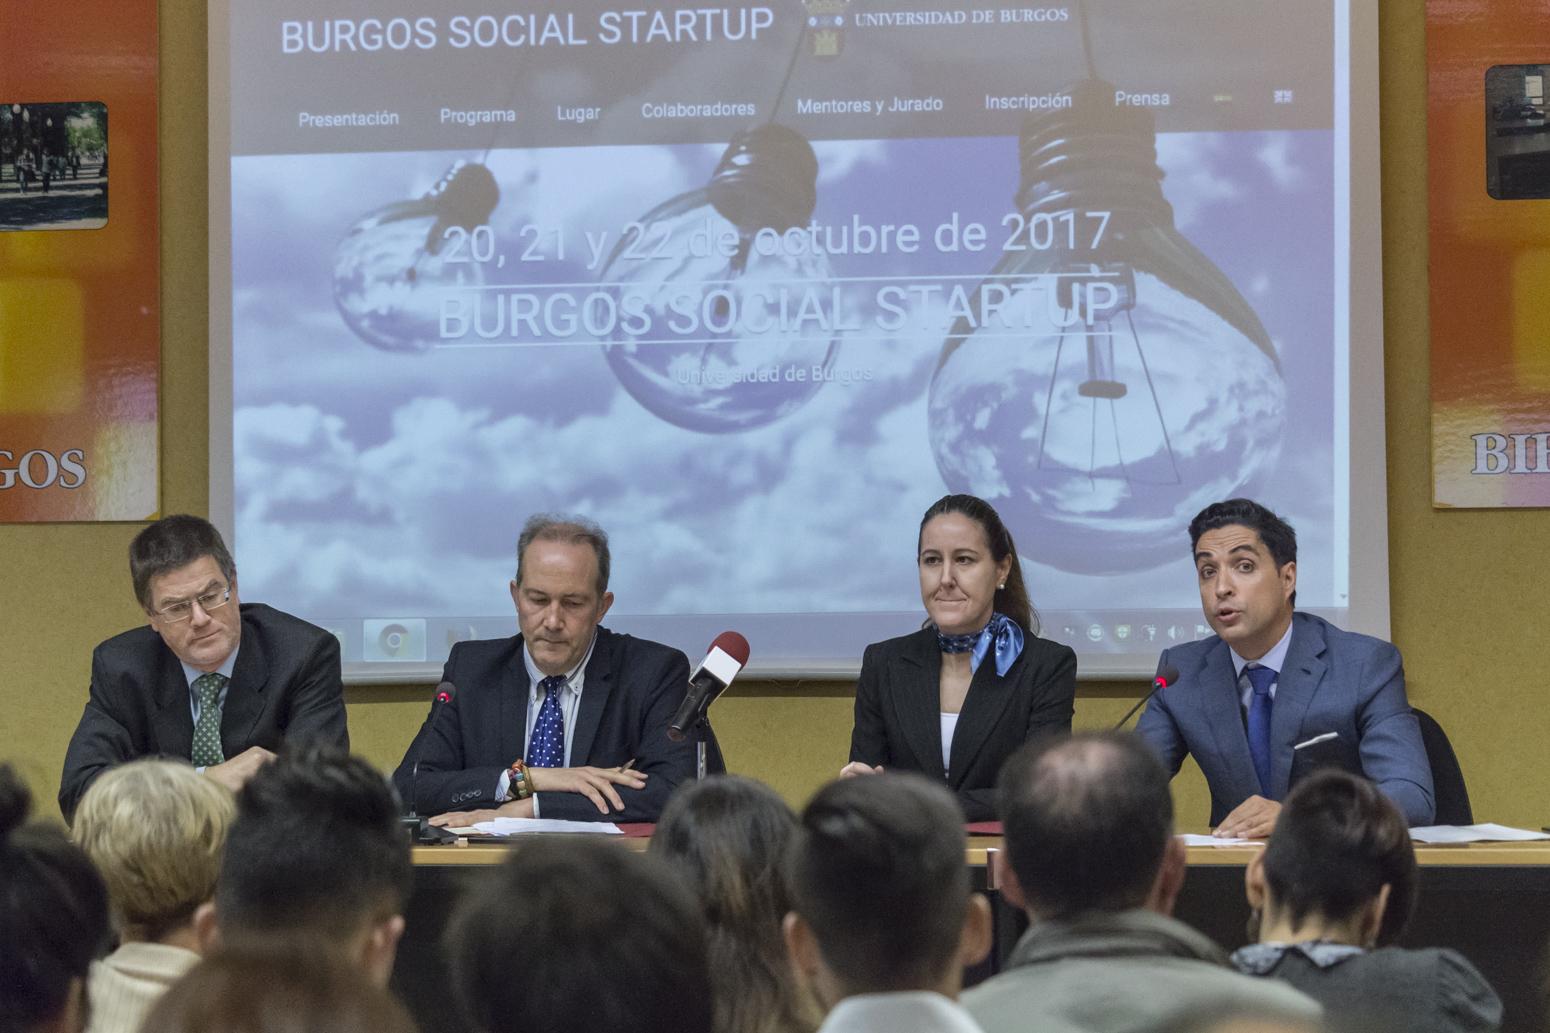 La ubu apuesta por el emprendimiento social universidad for Oficina de empleo burgos